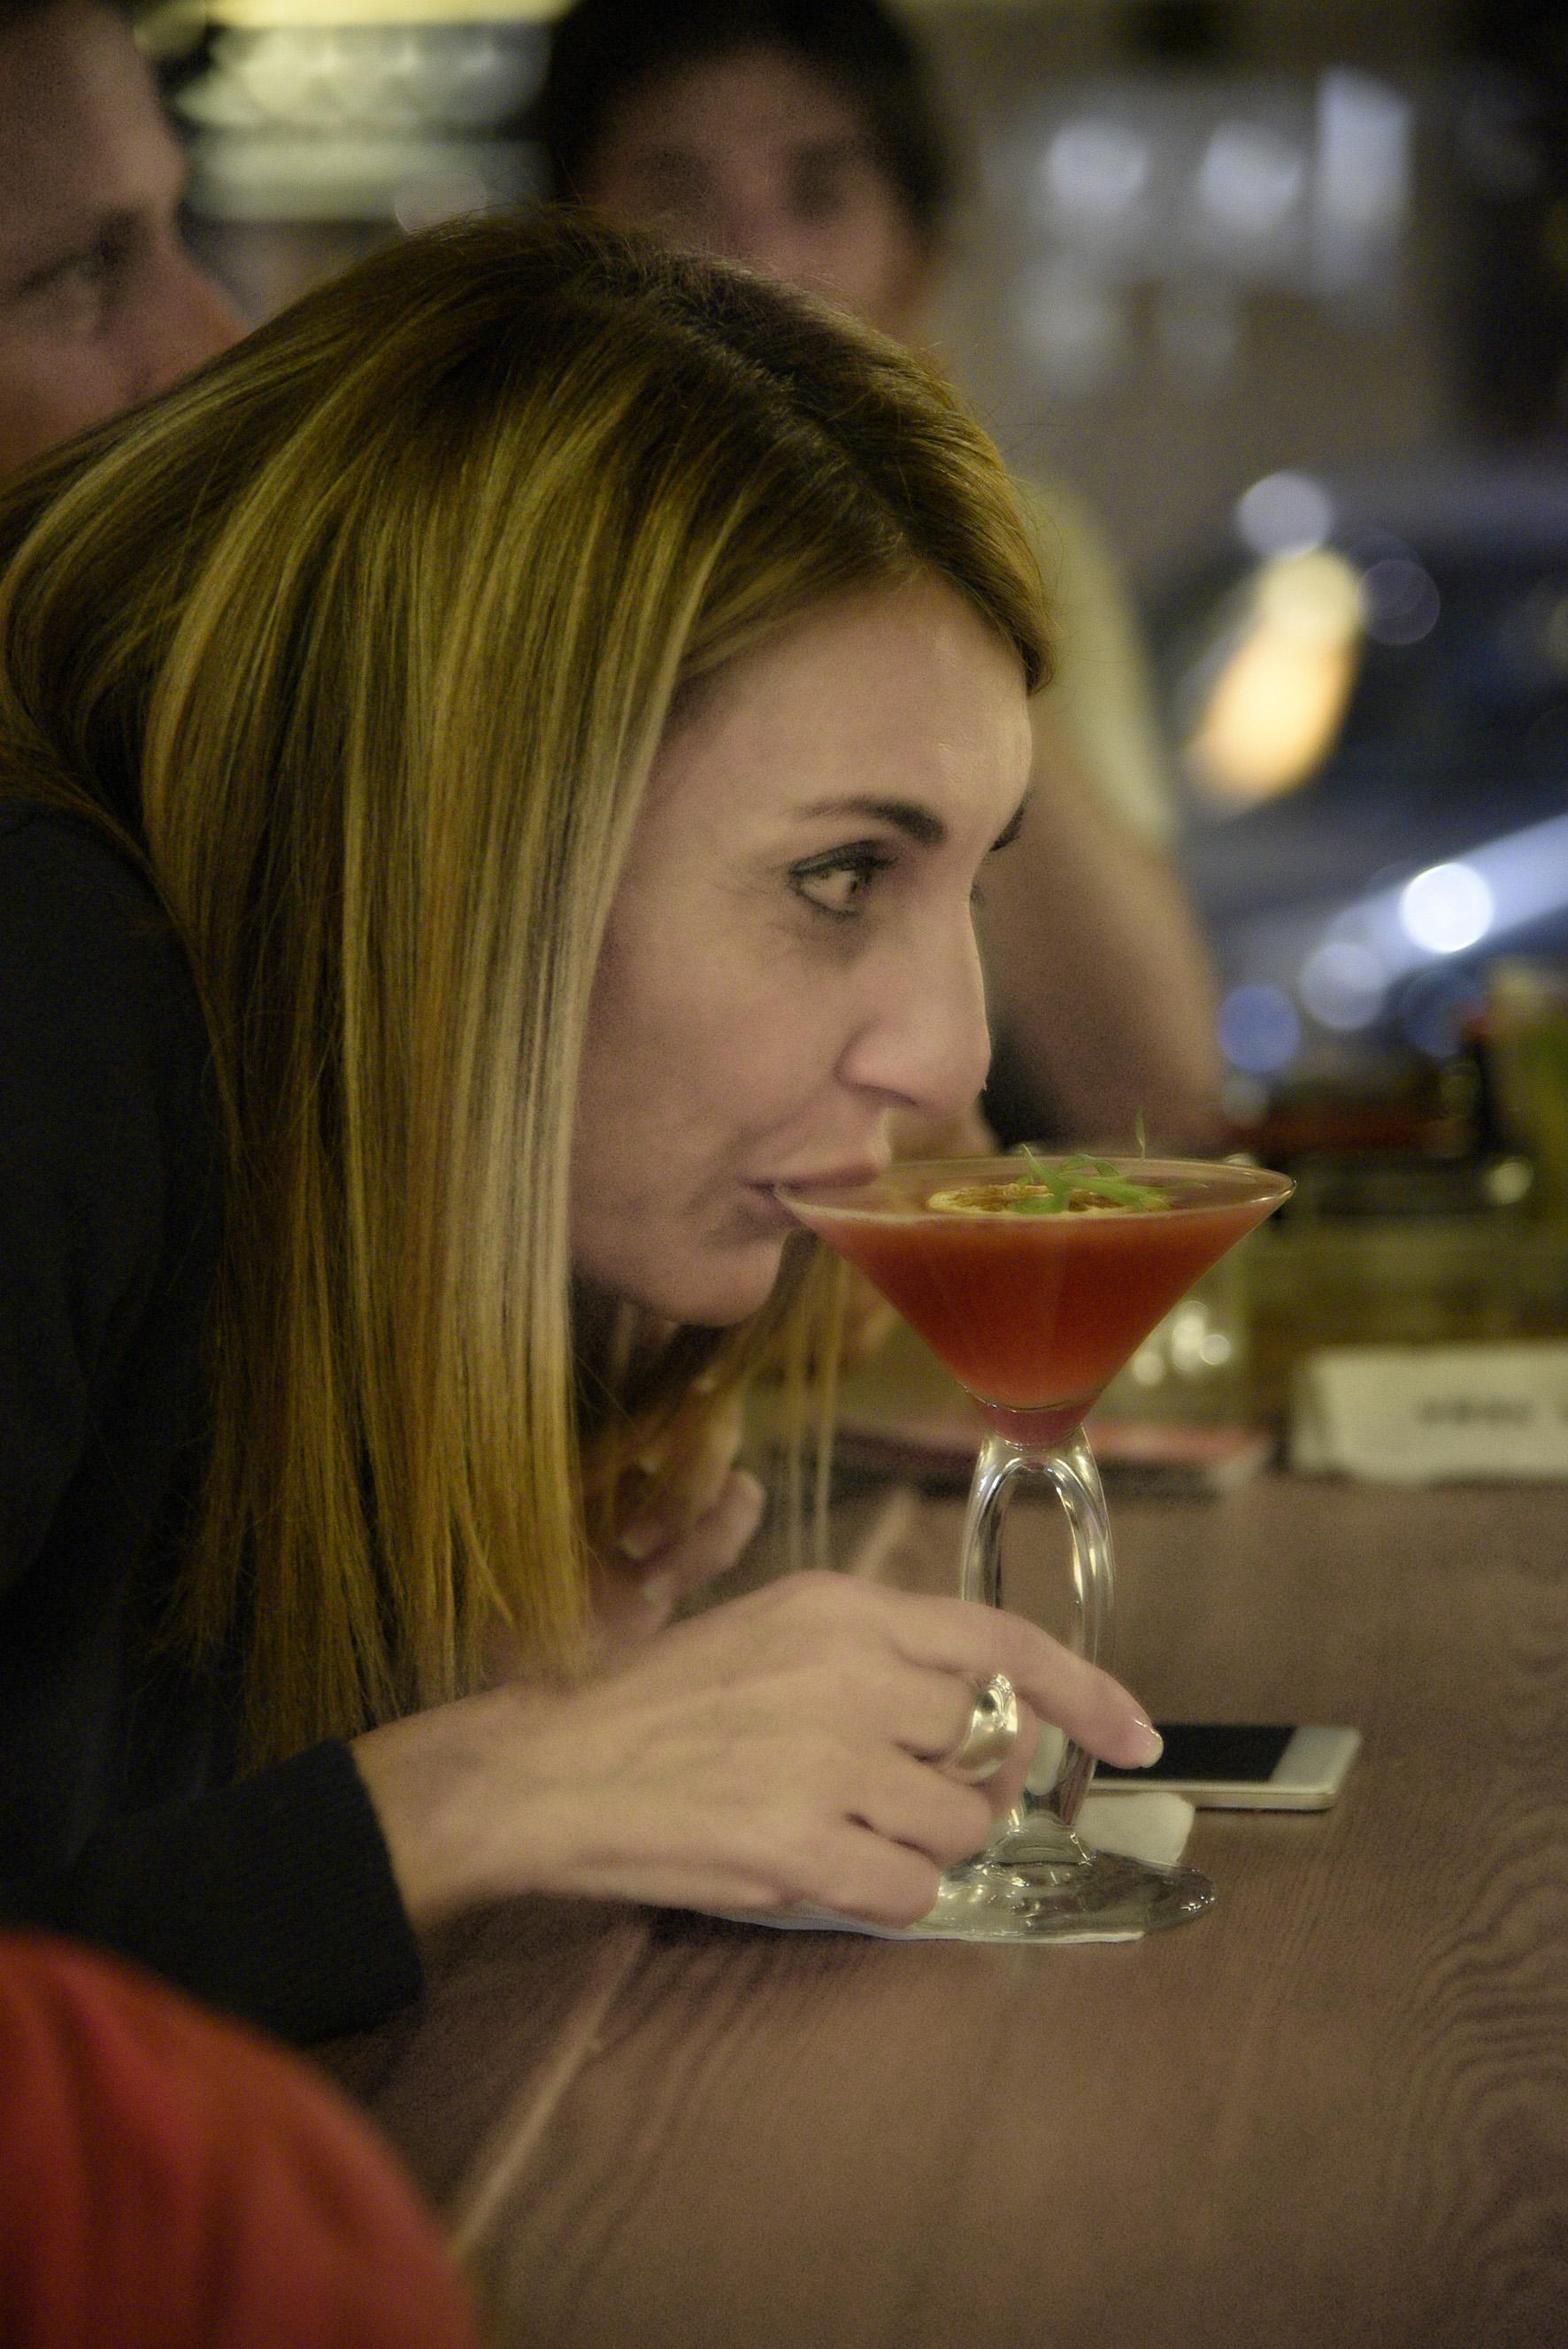 Viviana sips a Negretti